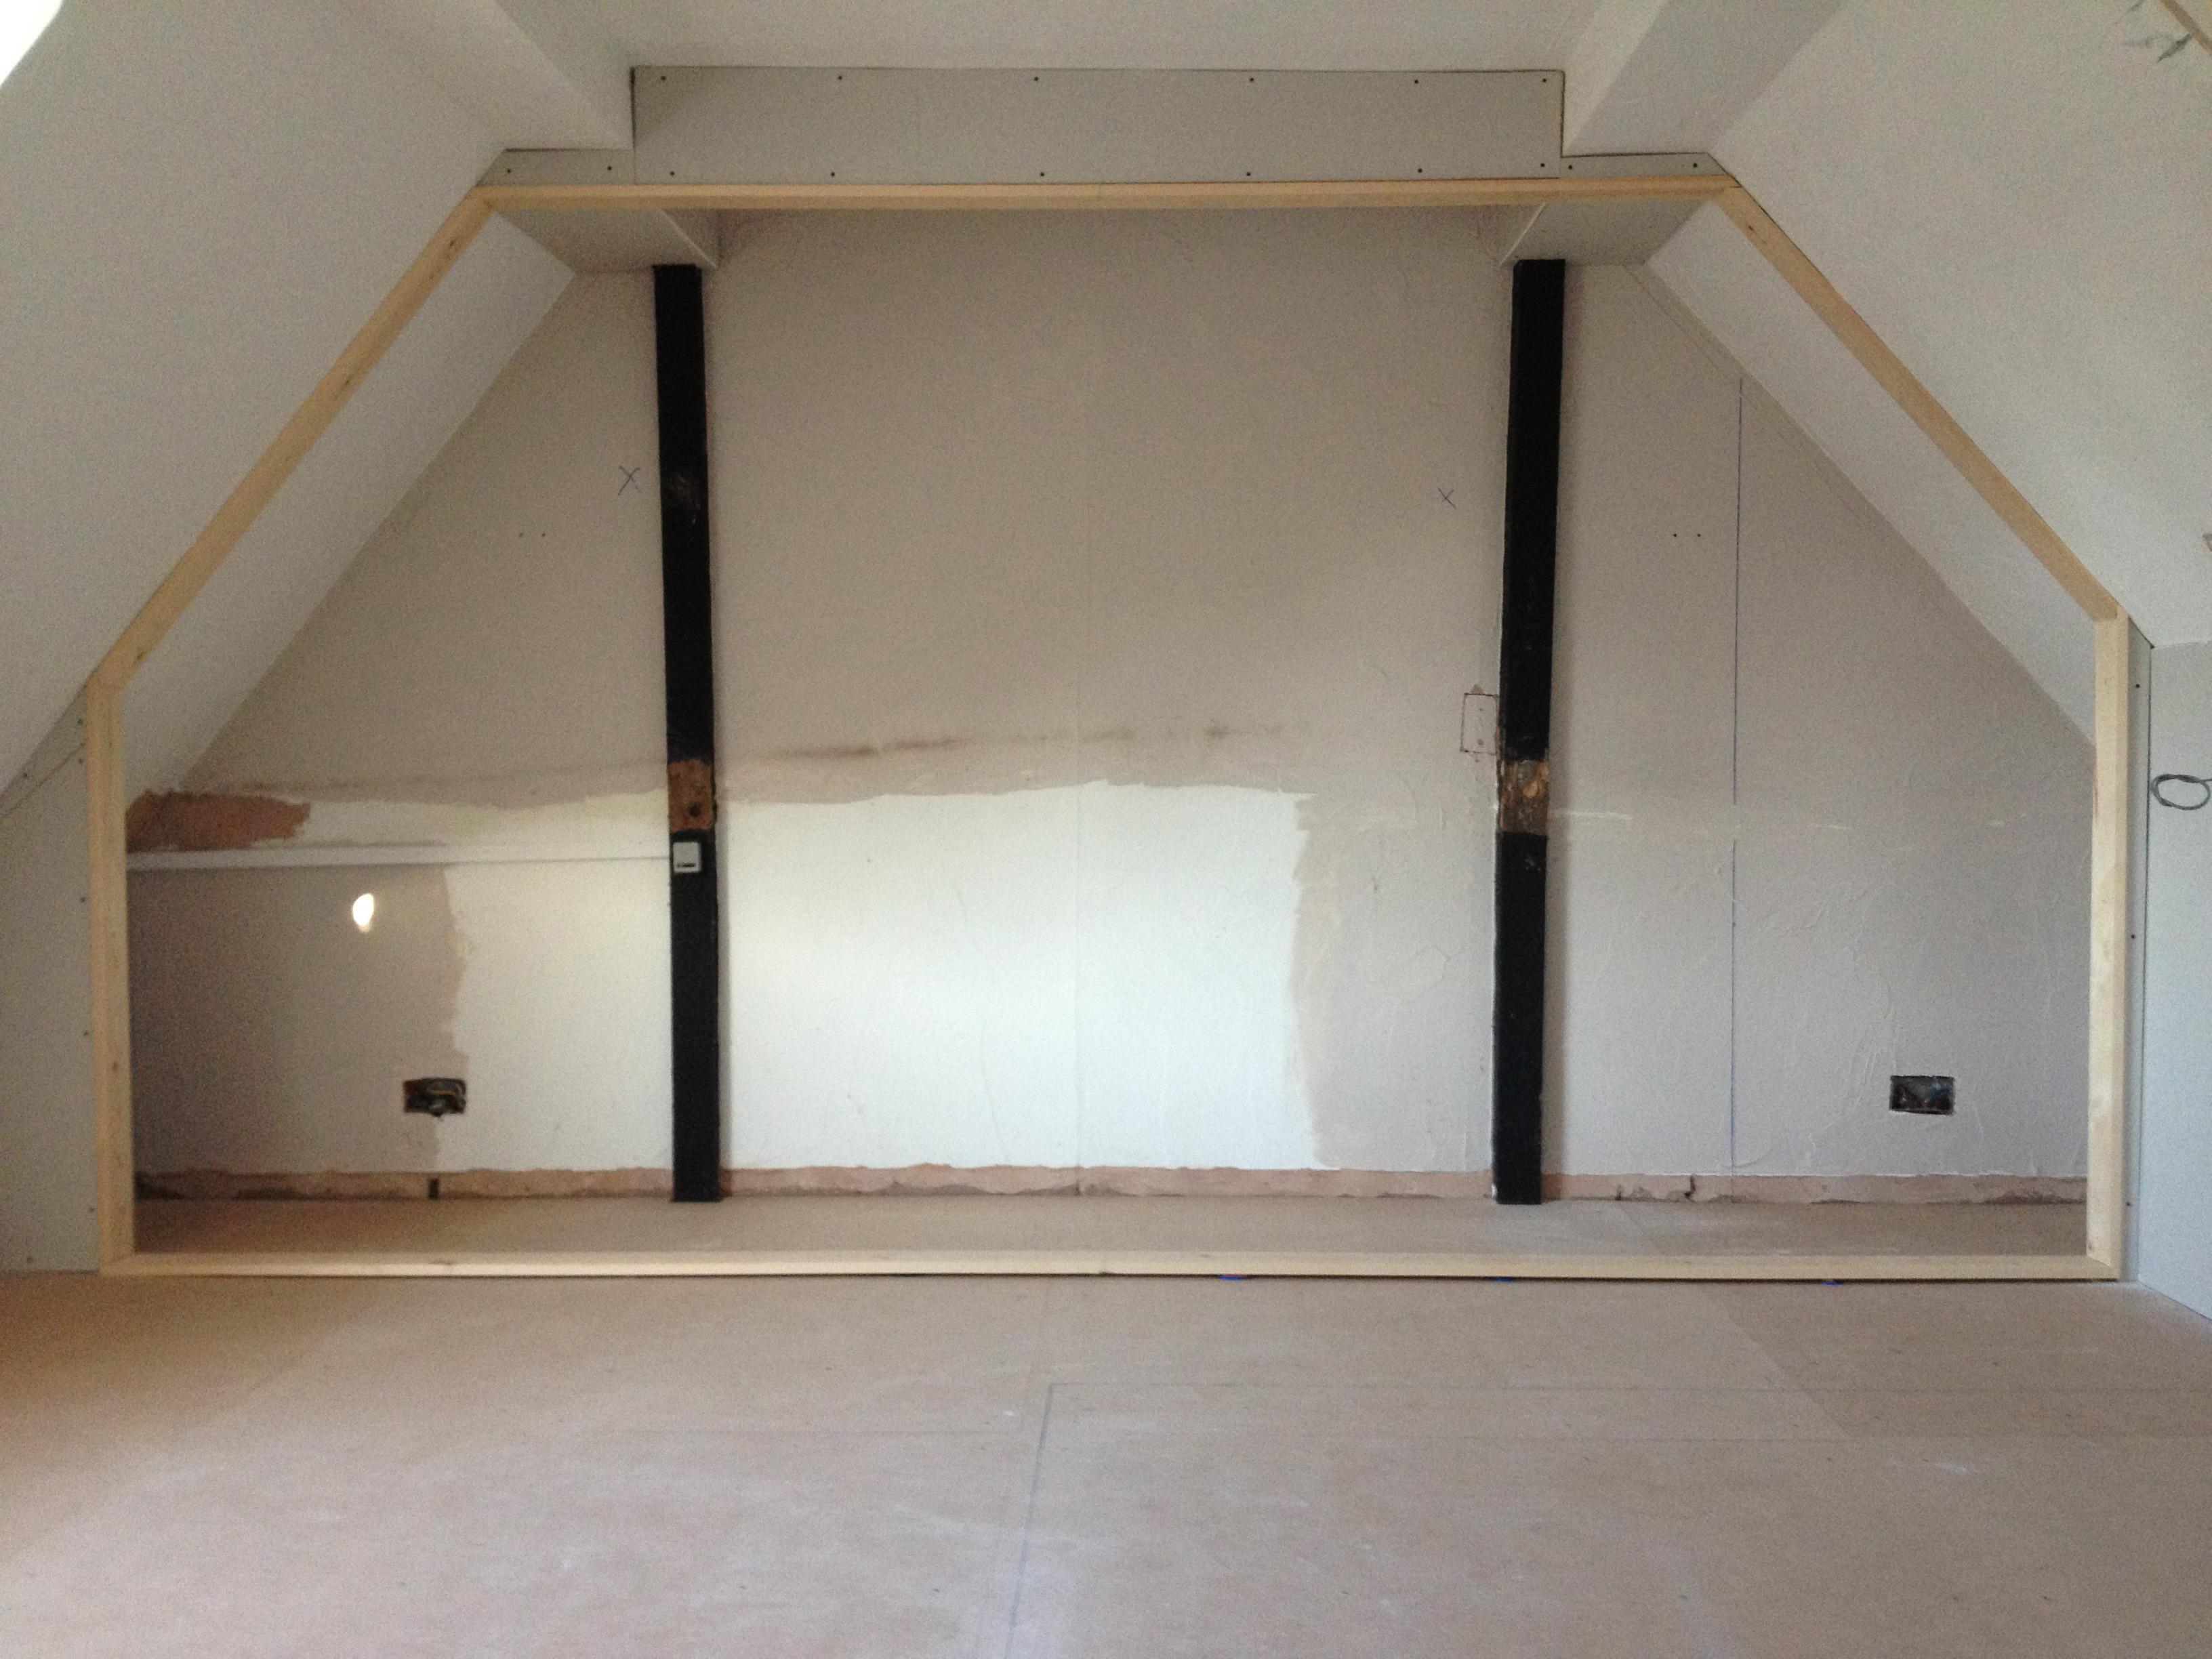 Sliding Wardrobe Doors And Interiors Angled